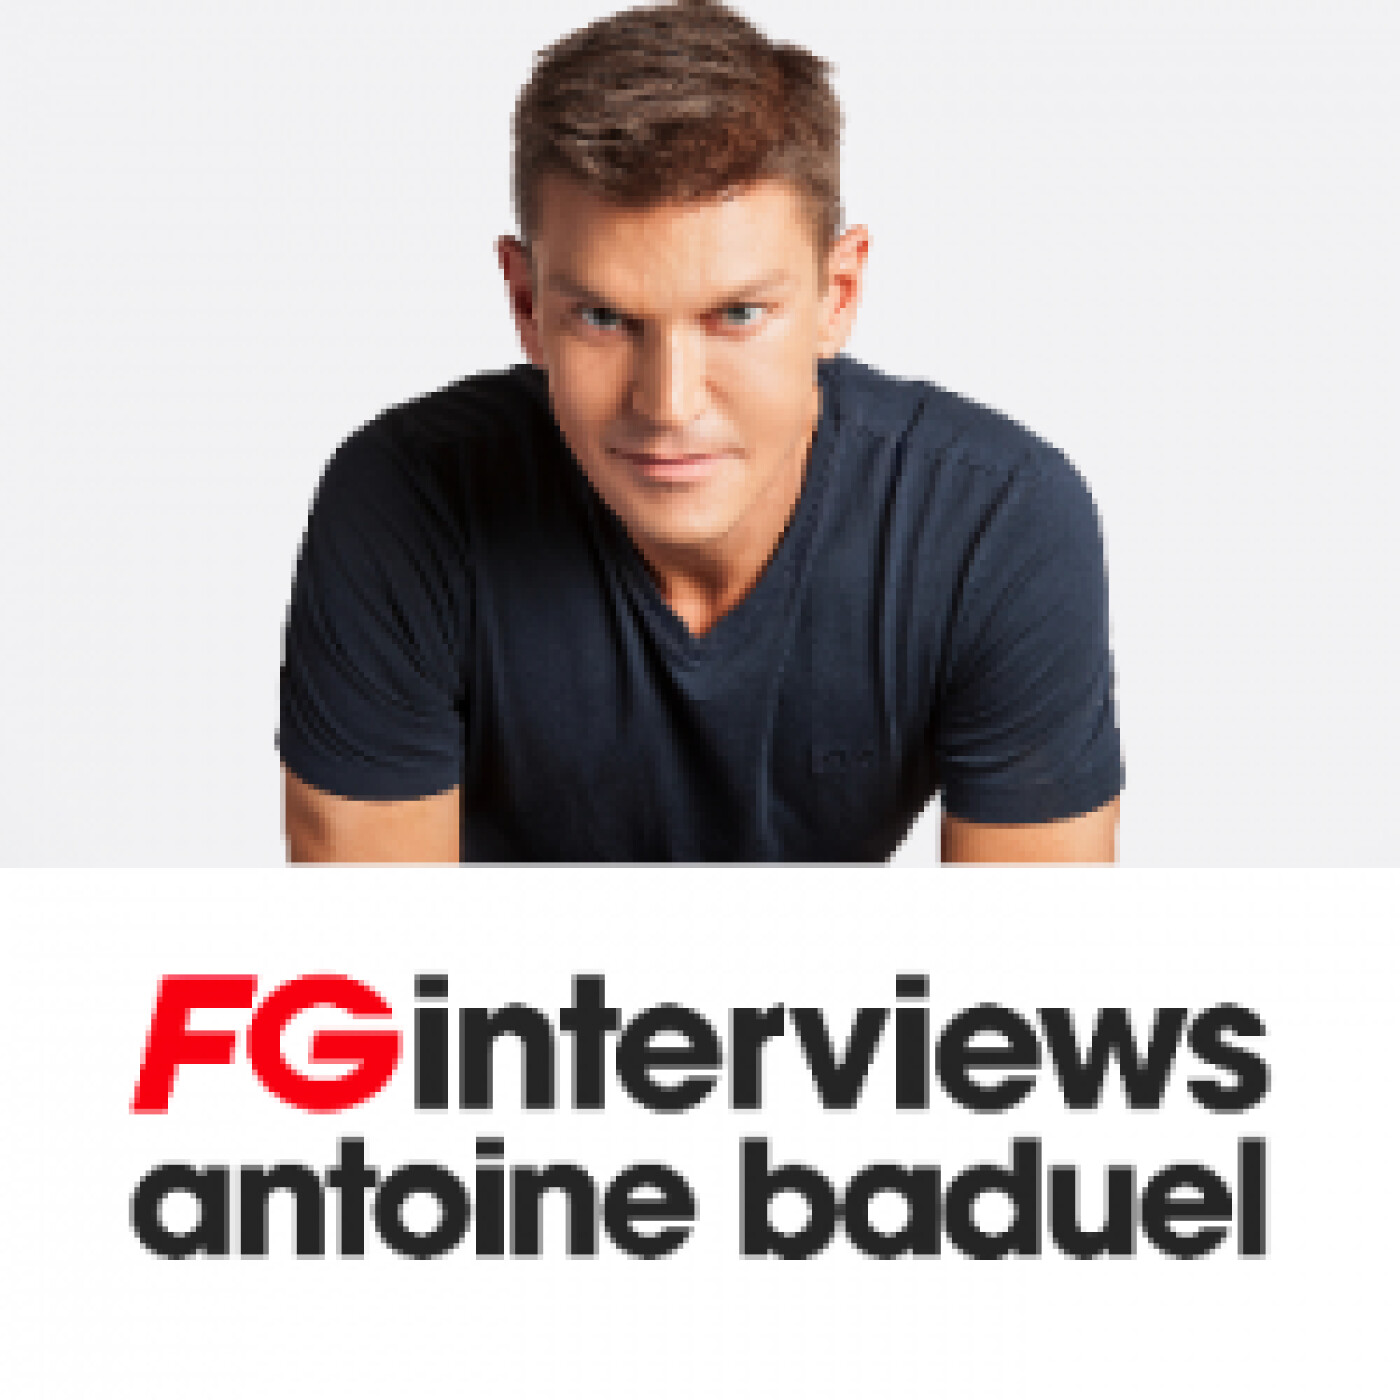 L'INTERVIEW DE FREDERIC LEFEBVRE & FRED TESTOT DANS L'HAPPY HOUR FG